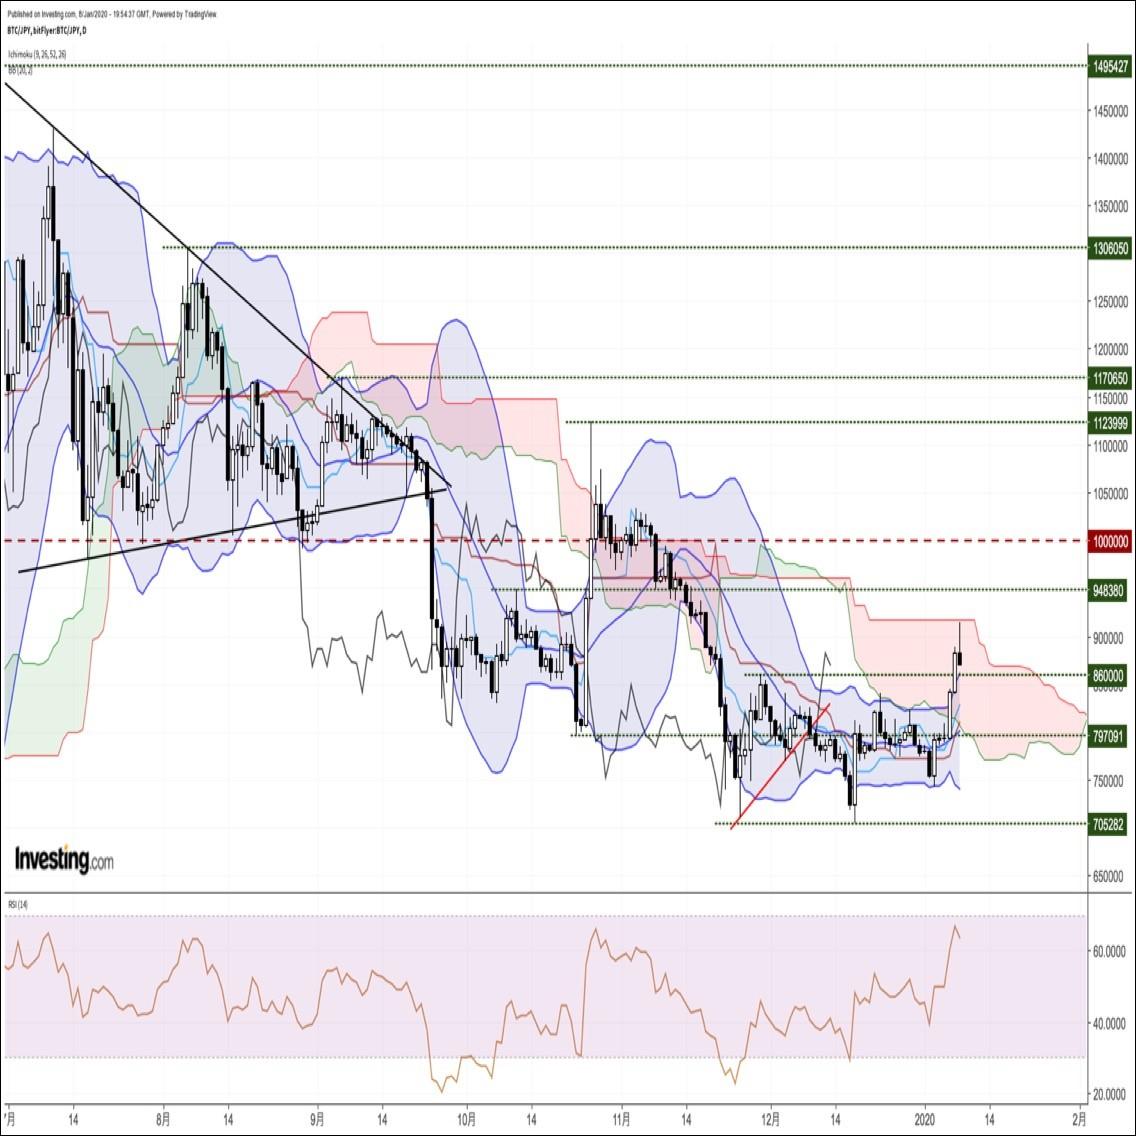 ビットコイン円、地政学的リスクの後退を受けて、約1ヶ月半ぶり高値圏から急反落(1/9朝)